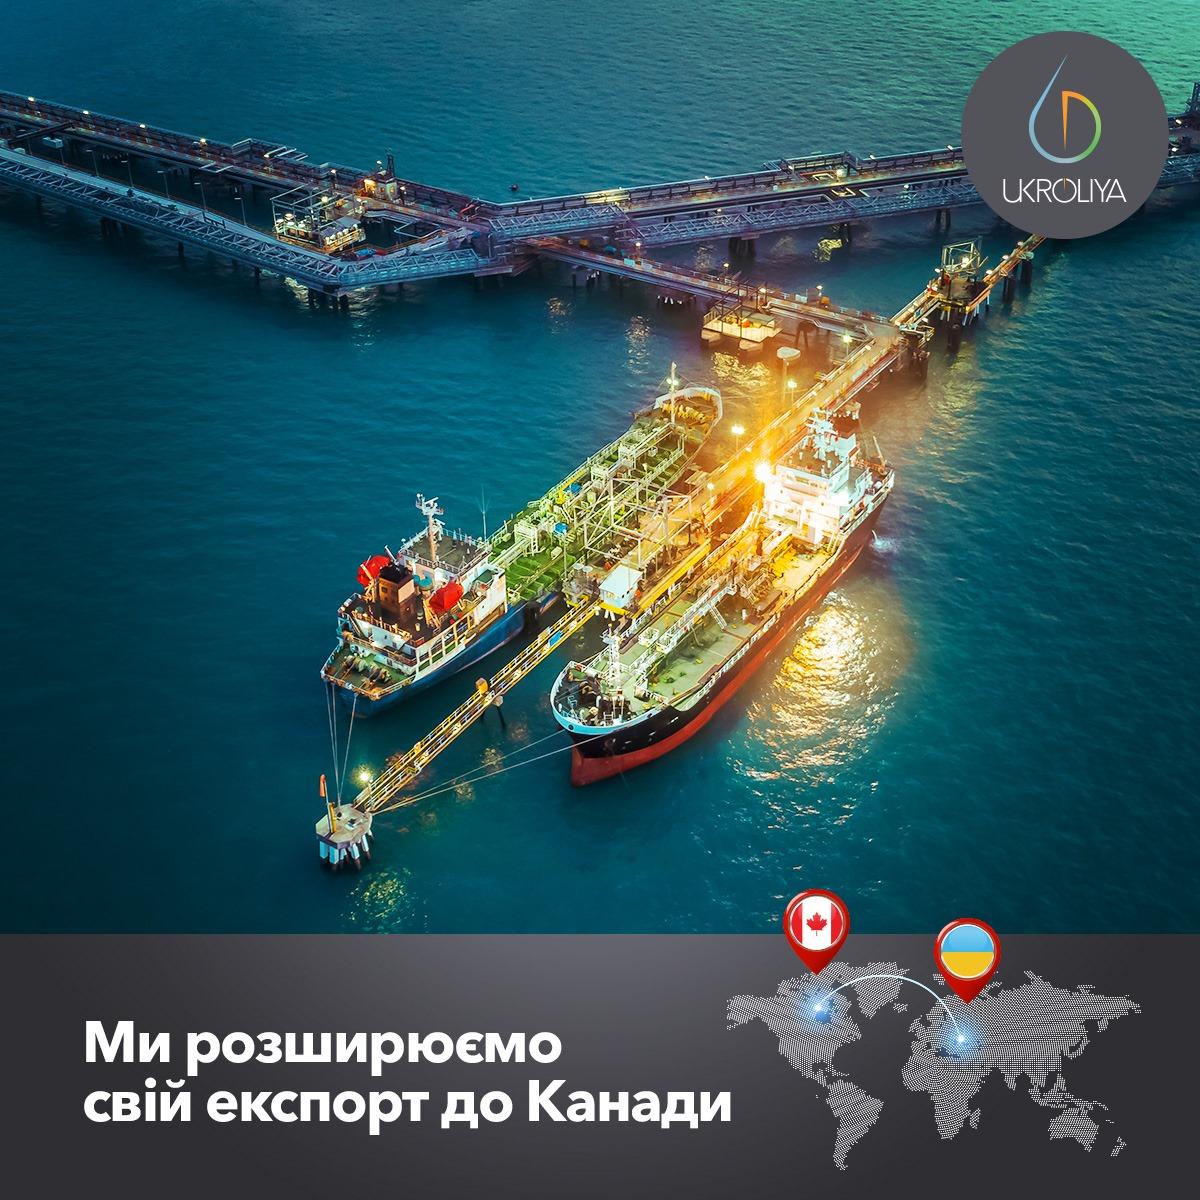 UKROLIYA export of vegetable oils